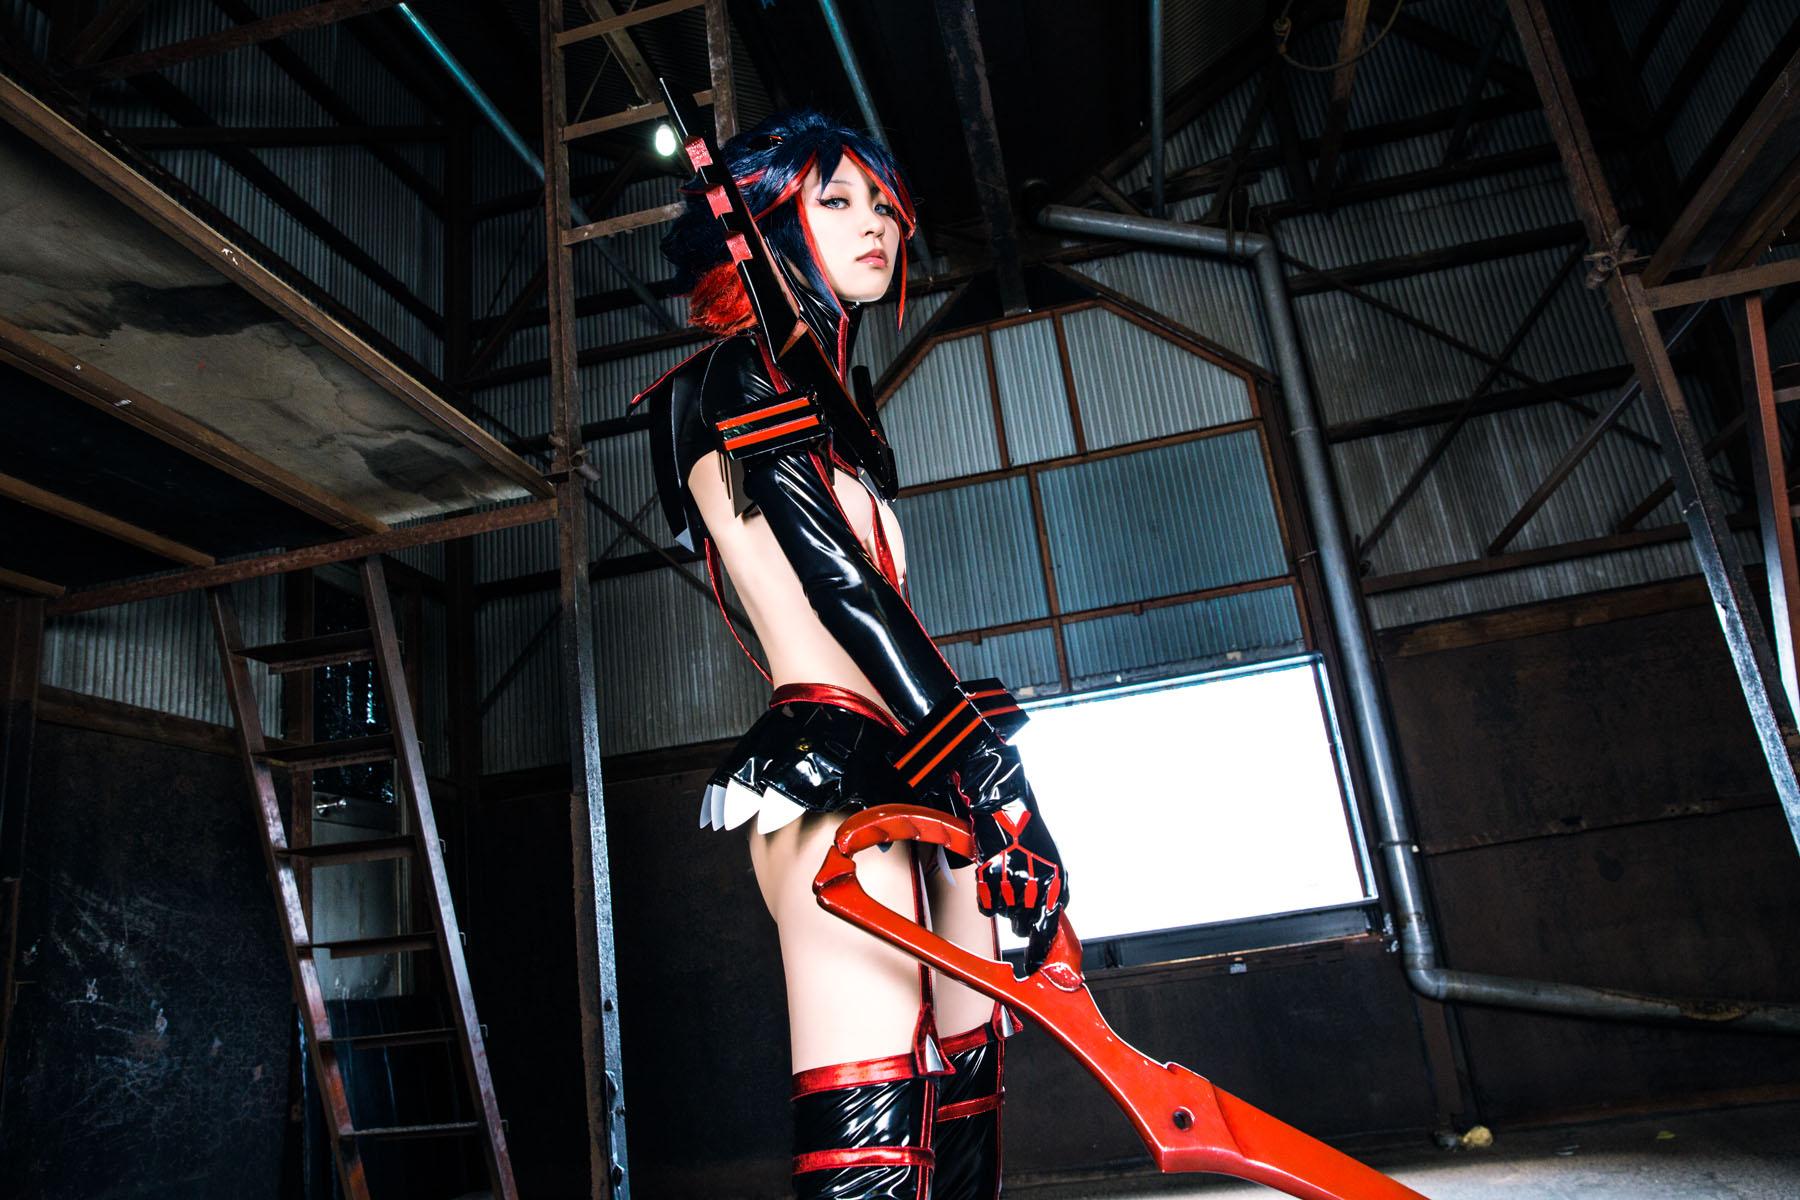 Kill la Kill Ryuuko Matoi anime cosplay by Mikehouse 0009